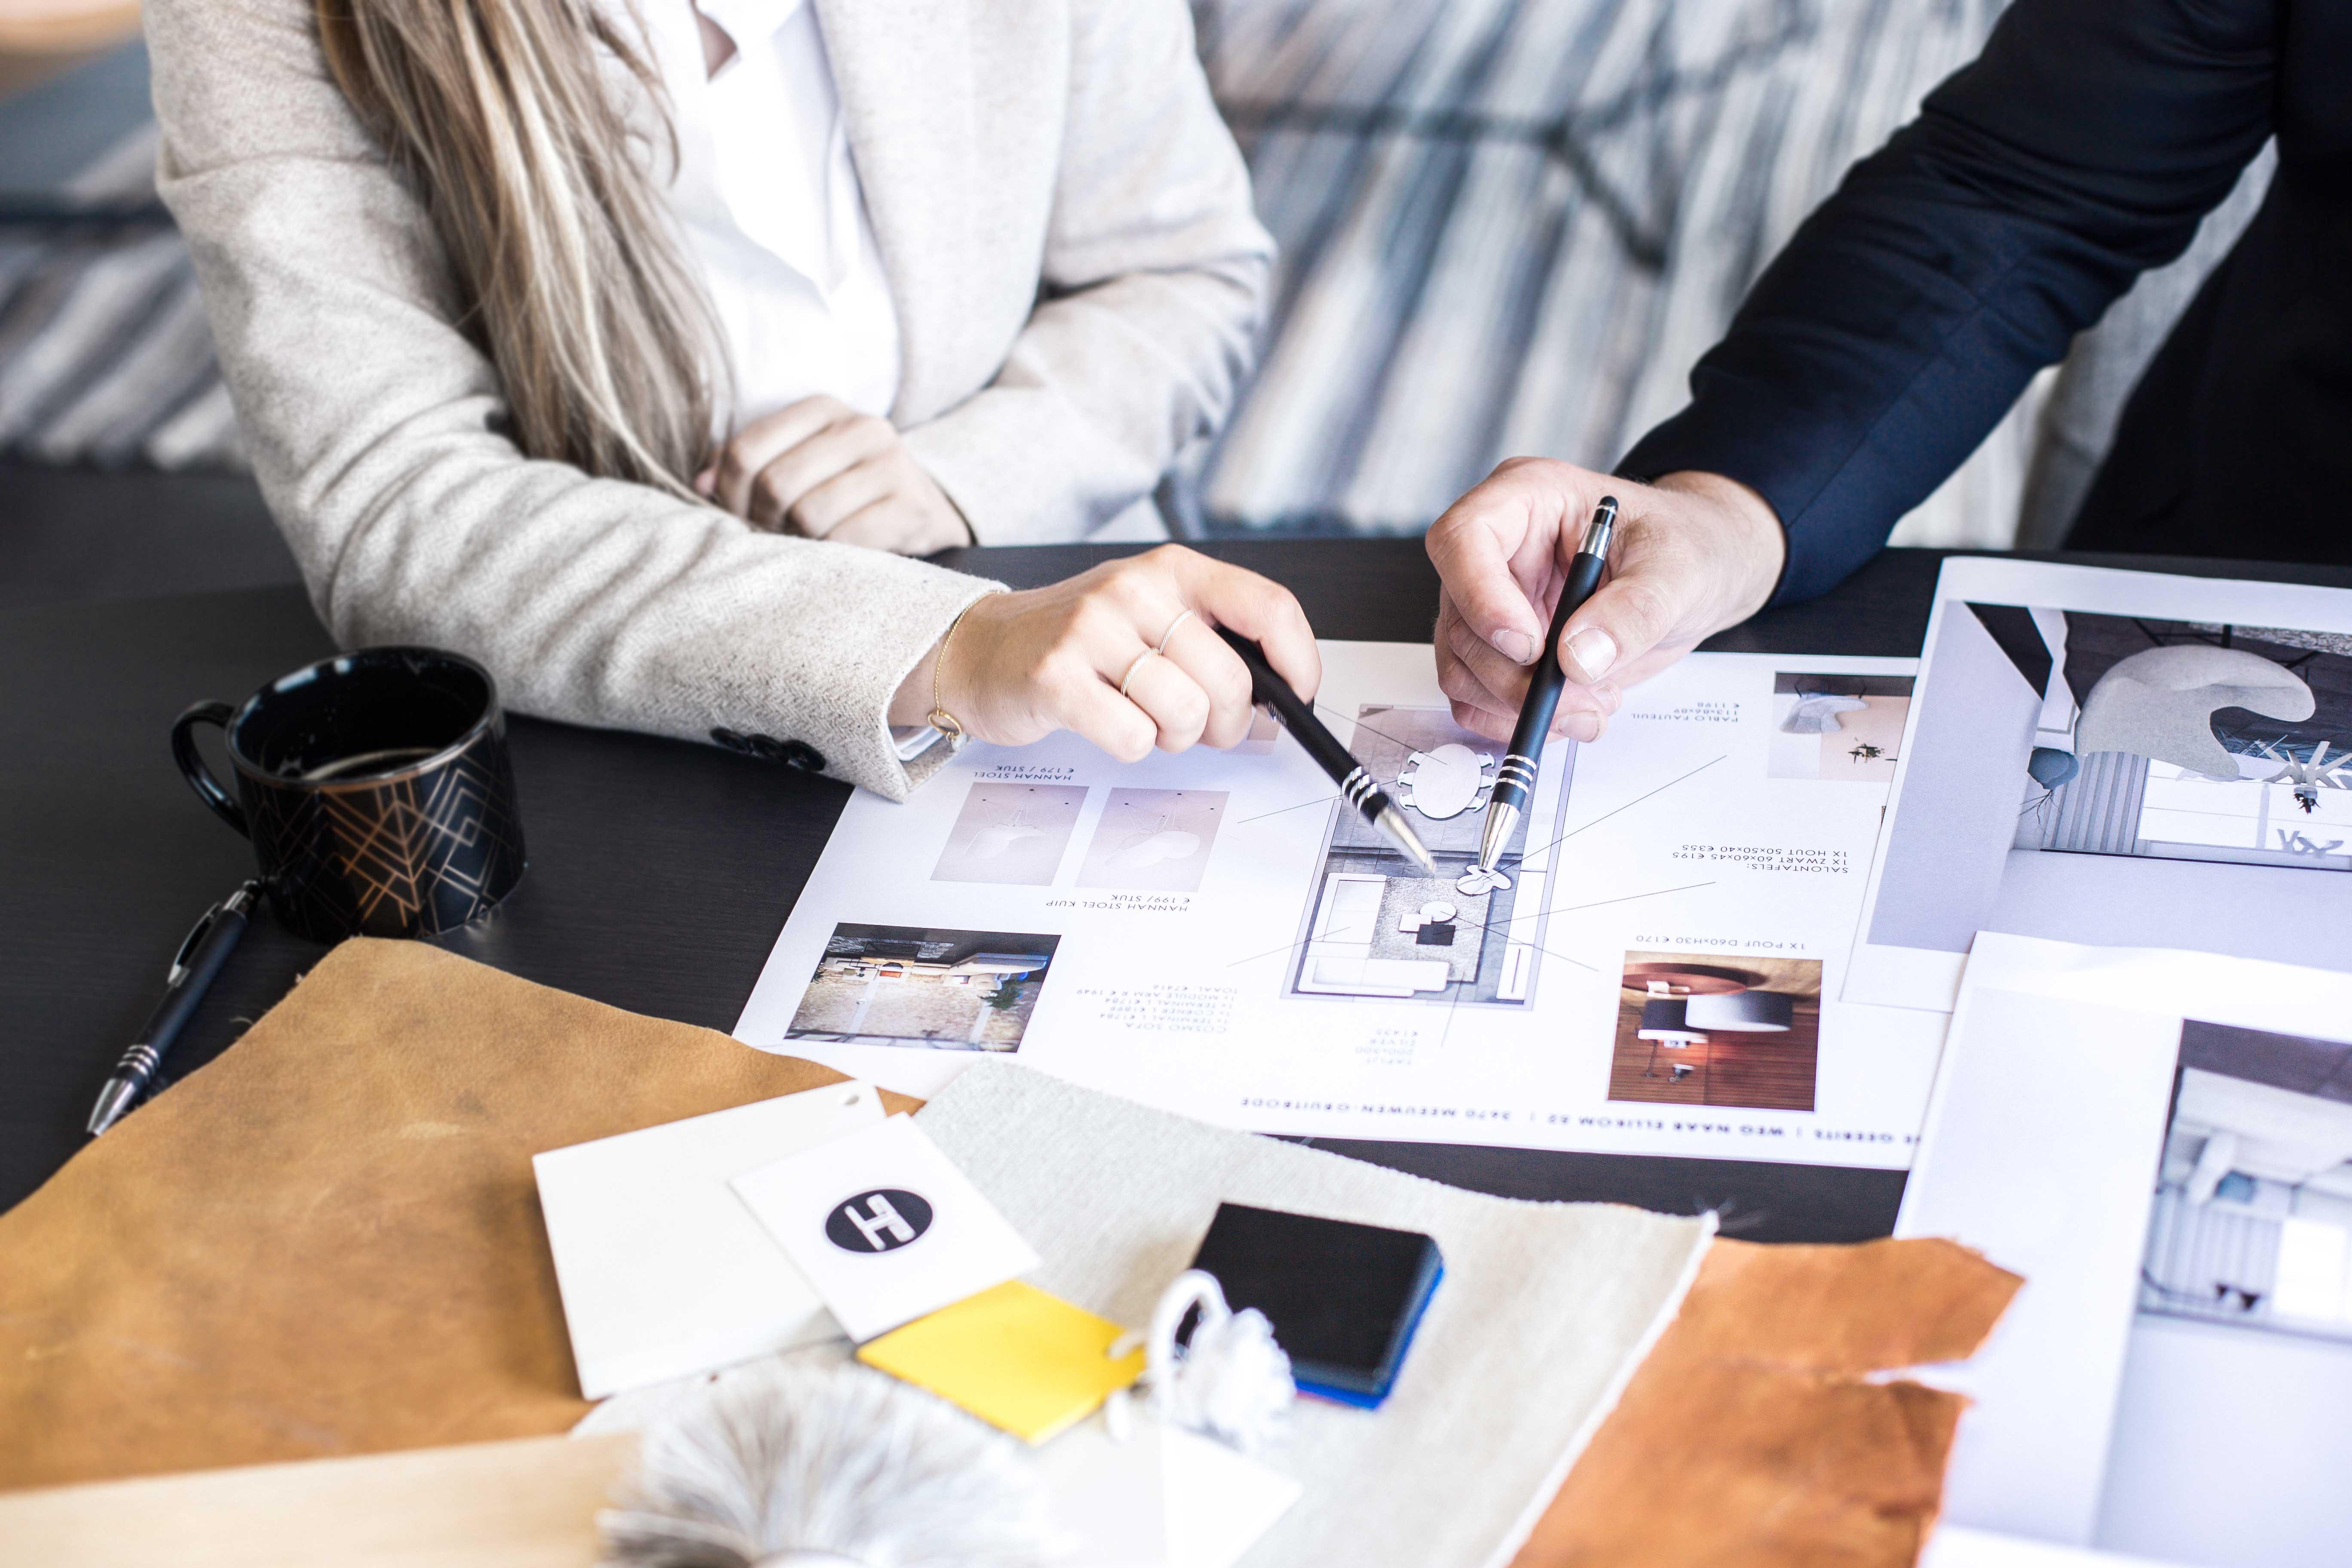 Totaalprojecten Evolution - Interieur architect - Interieurarchitectuur -